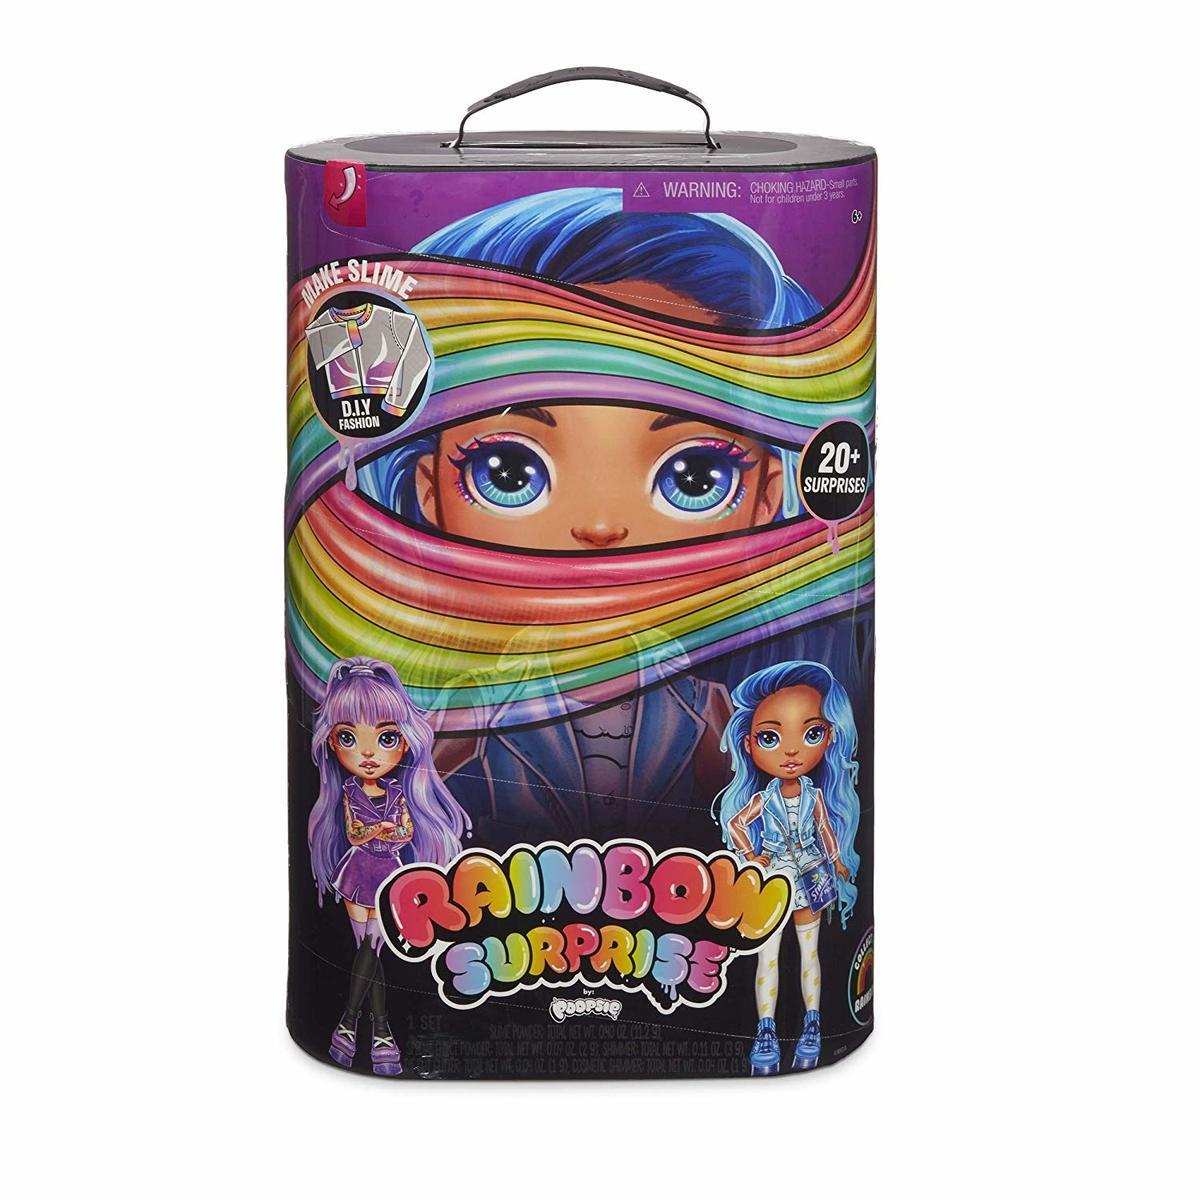 Poopsie Rainbow Surprise Dolls ? Amethyst Rae or Blue Skye